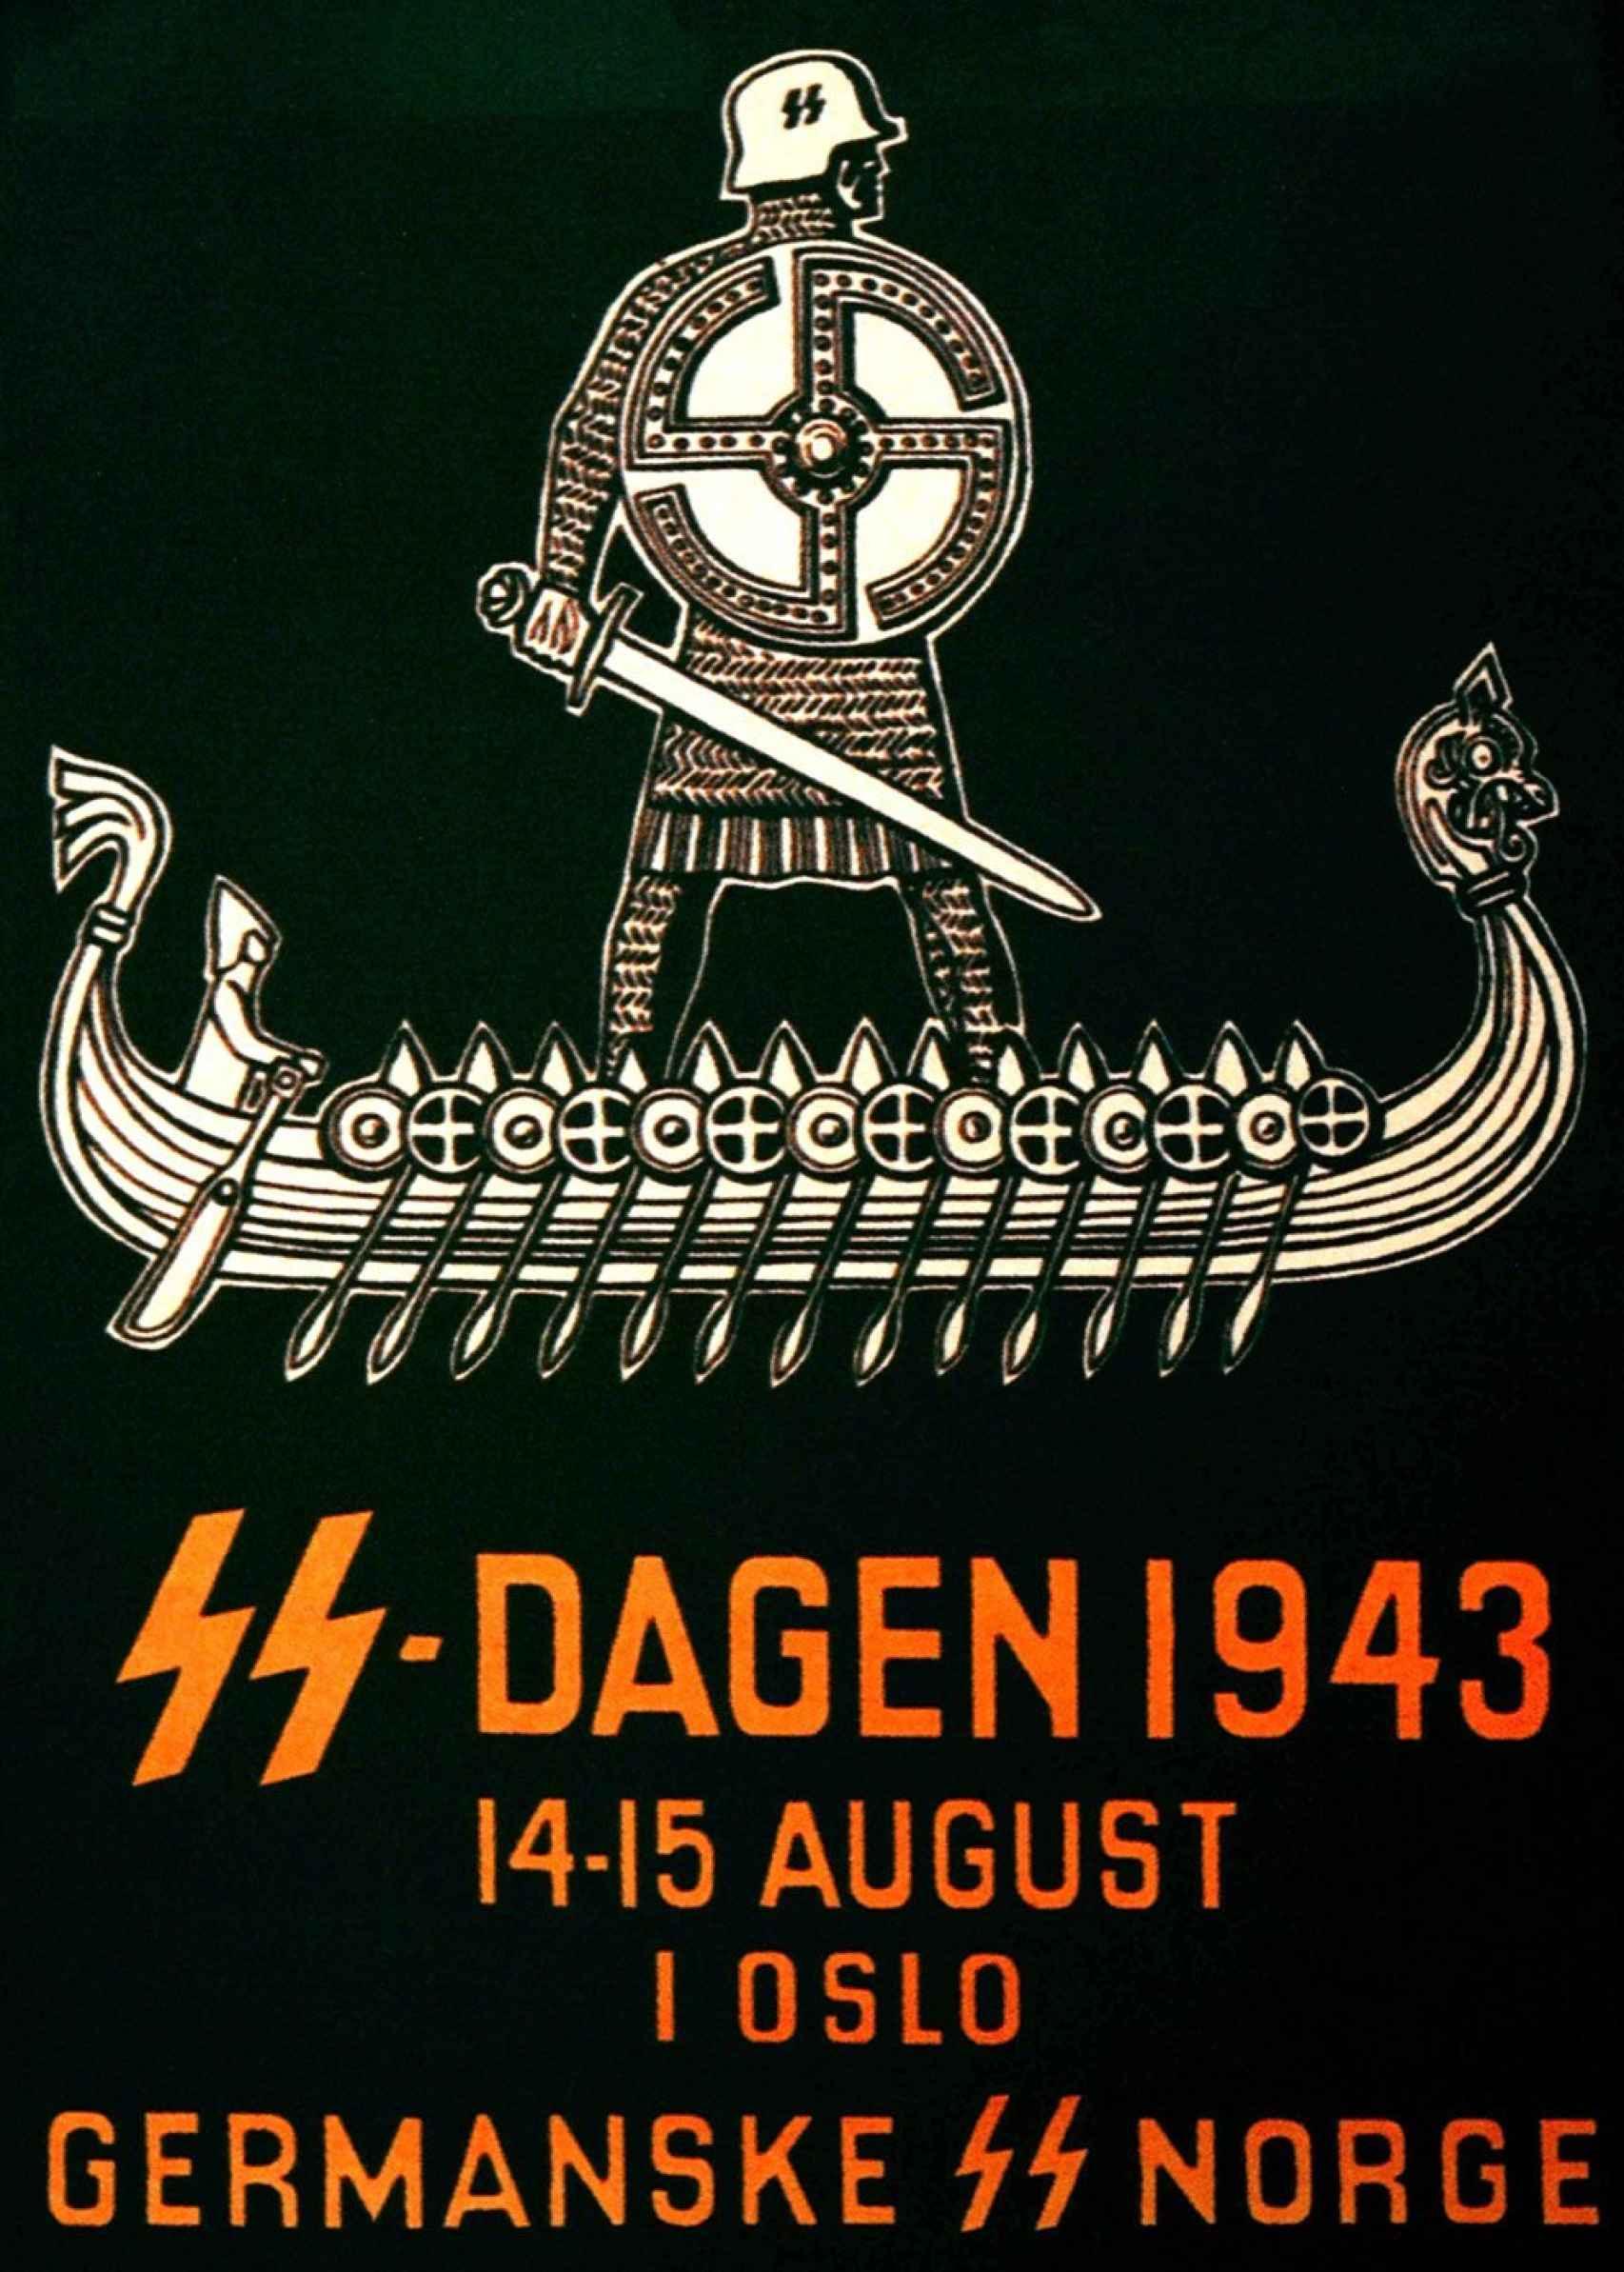 Un póster de reclutamiento de las SS que muestra cómo los nazis se apropiaron de los vikingos.